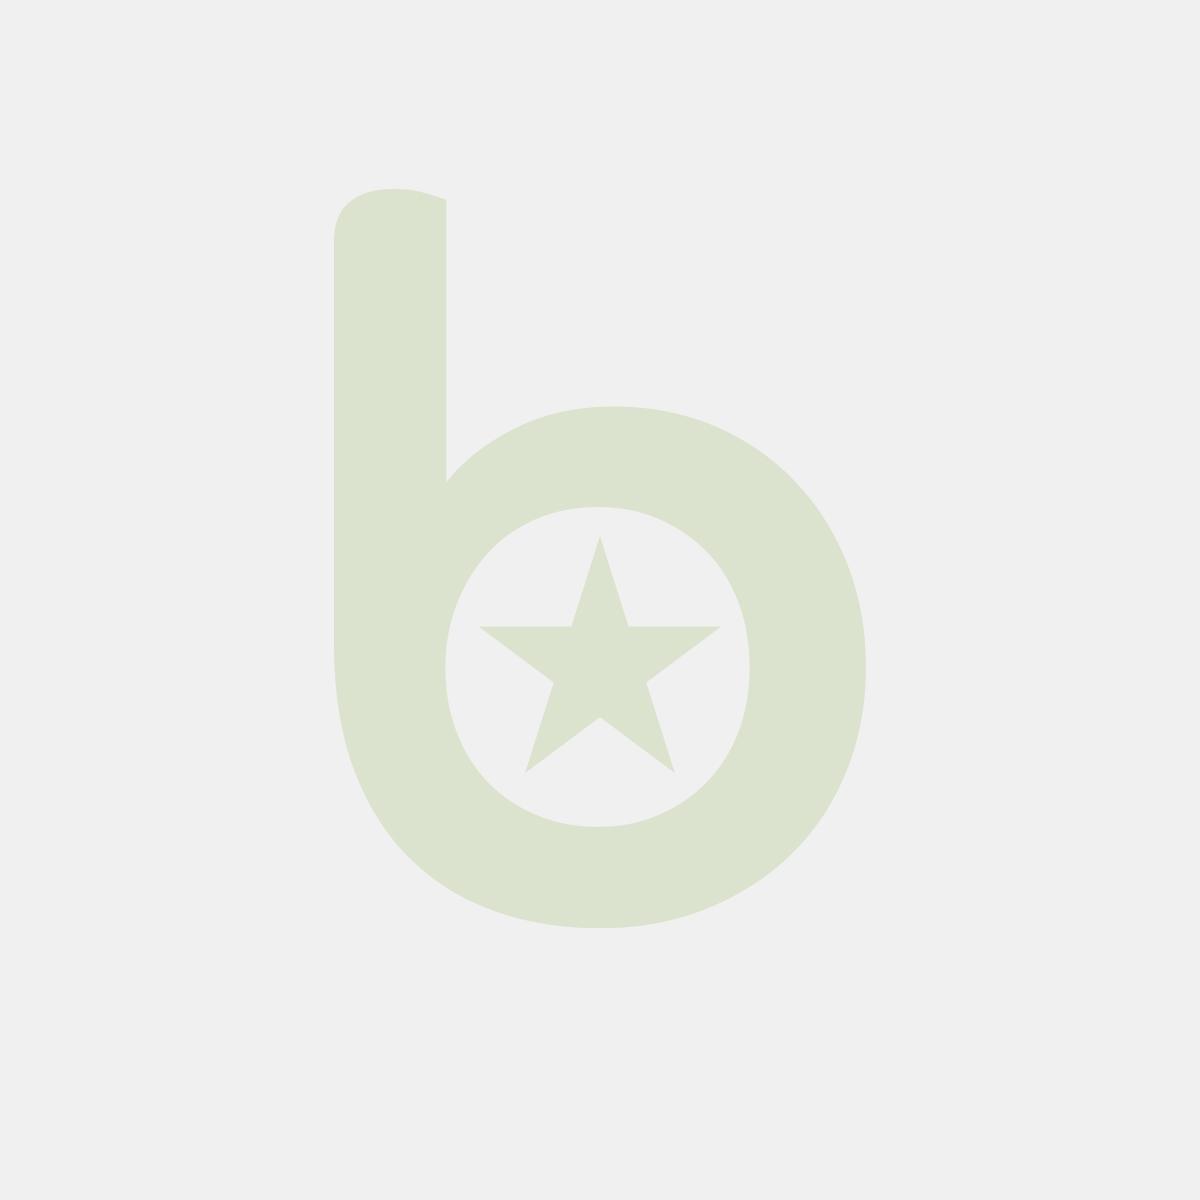 Torba klockowa brązowa 350x170x245 z uchem płaskim (szerokie dno)